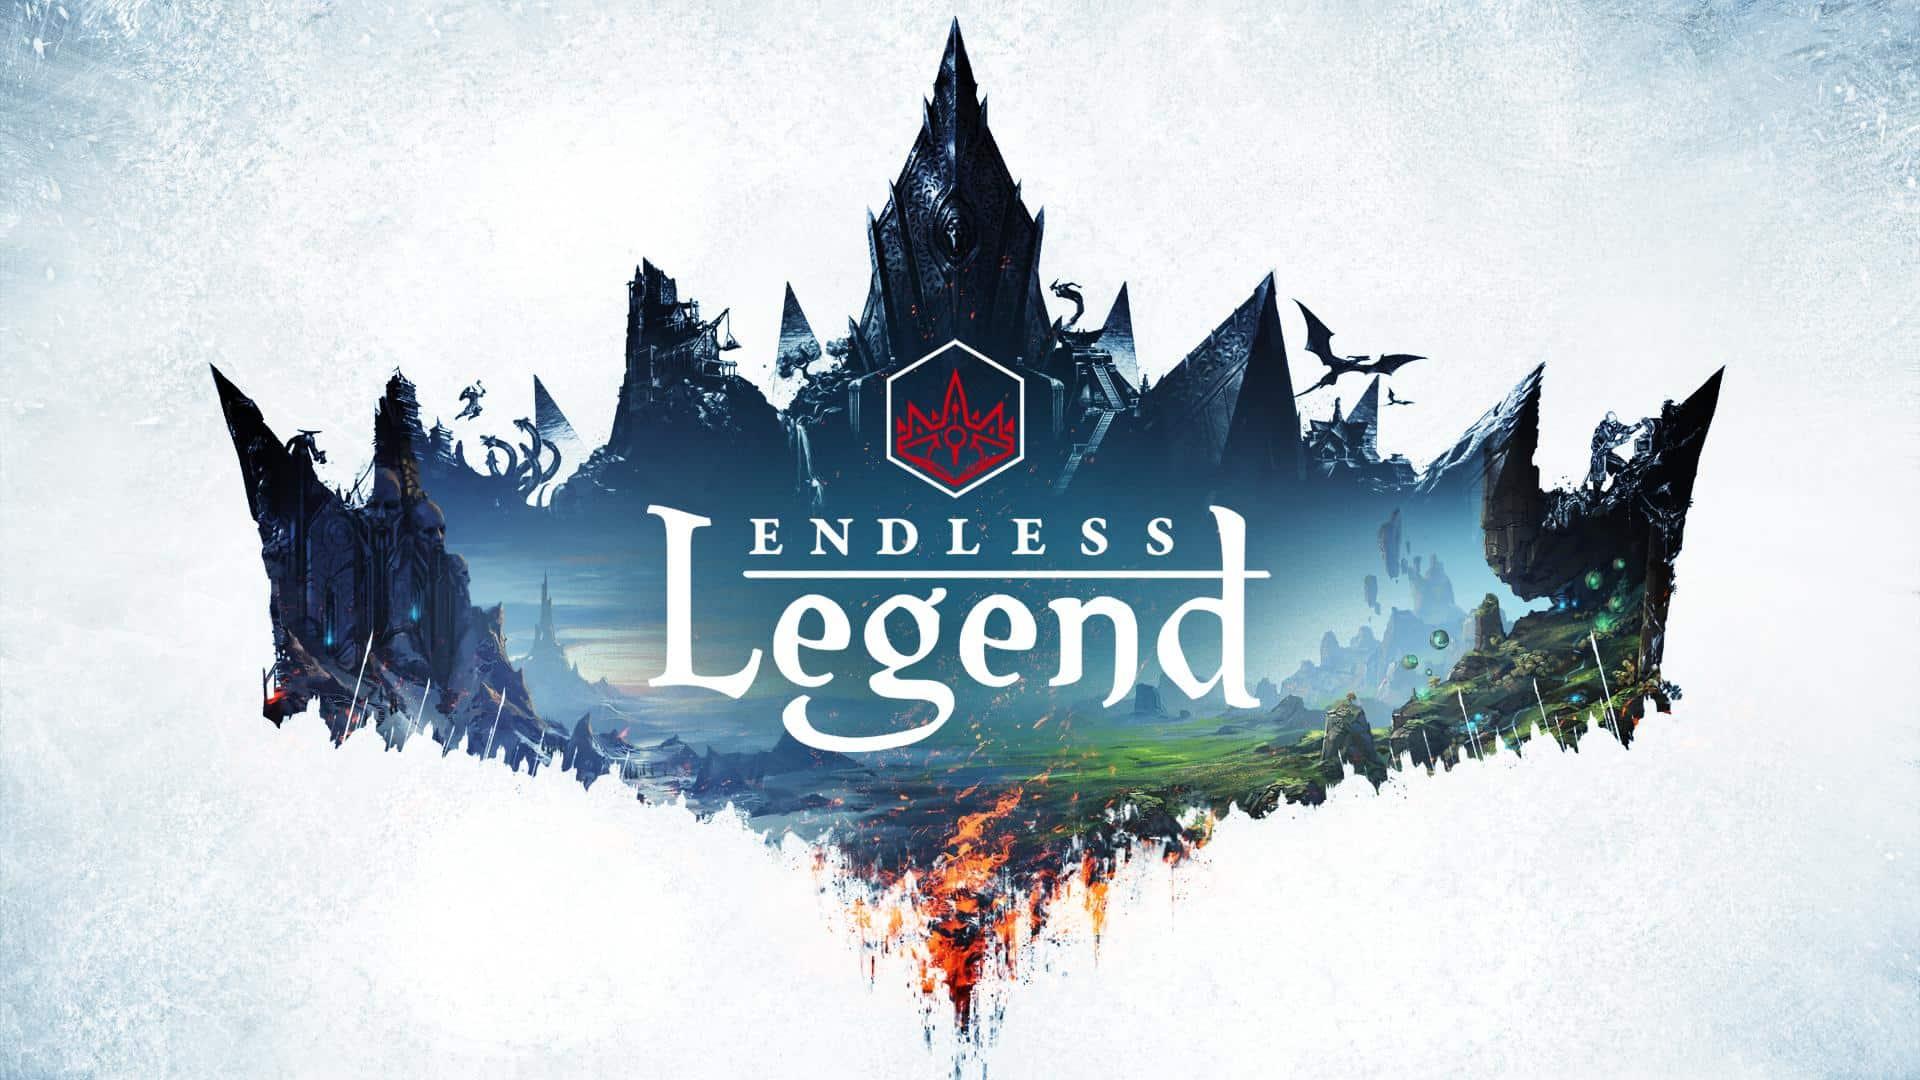 Endless Legend Frei PC Kostenlos Herunterladen